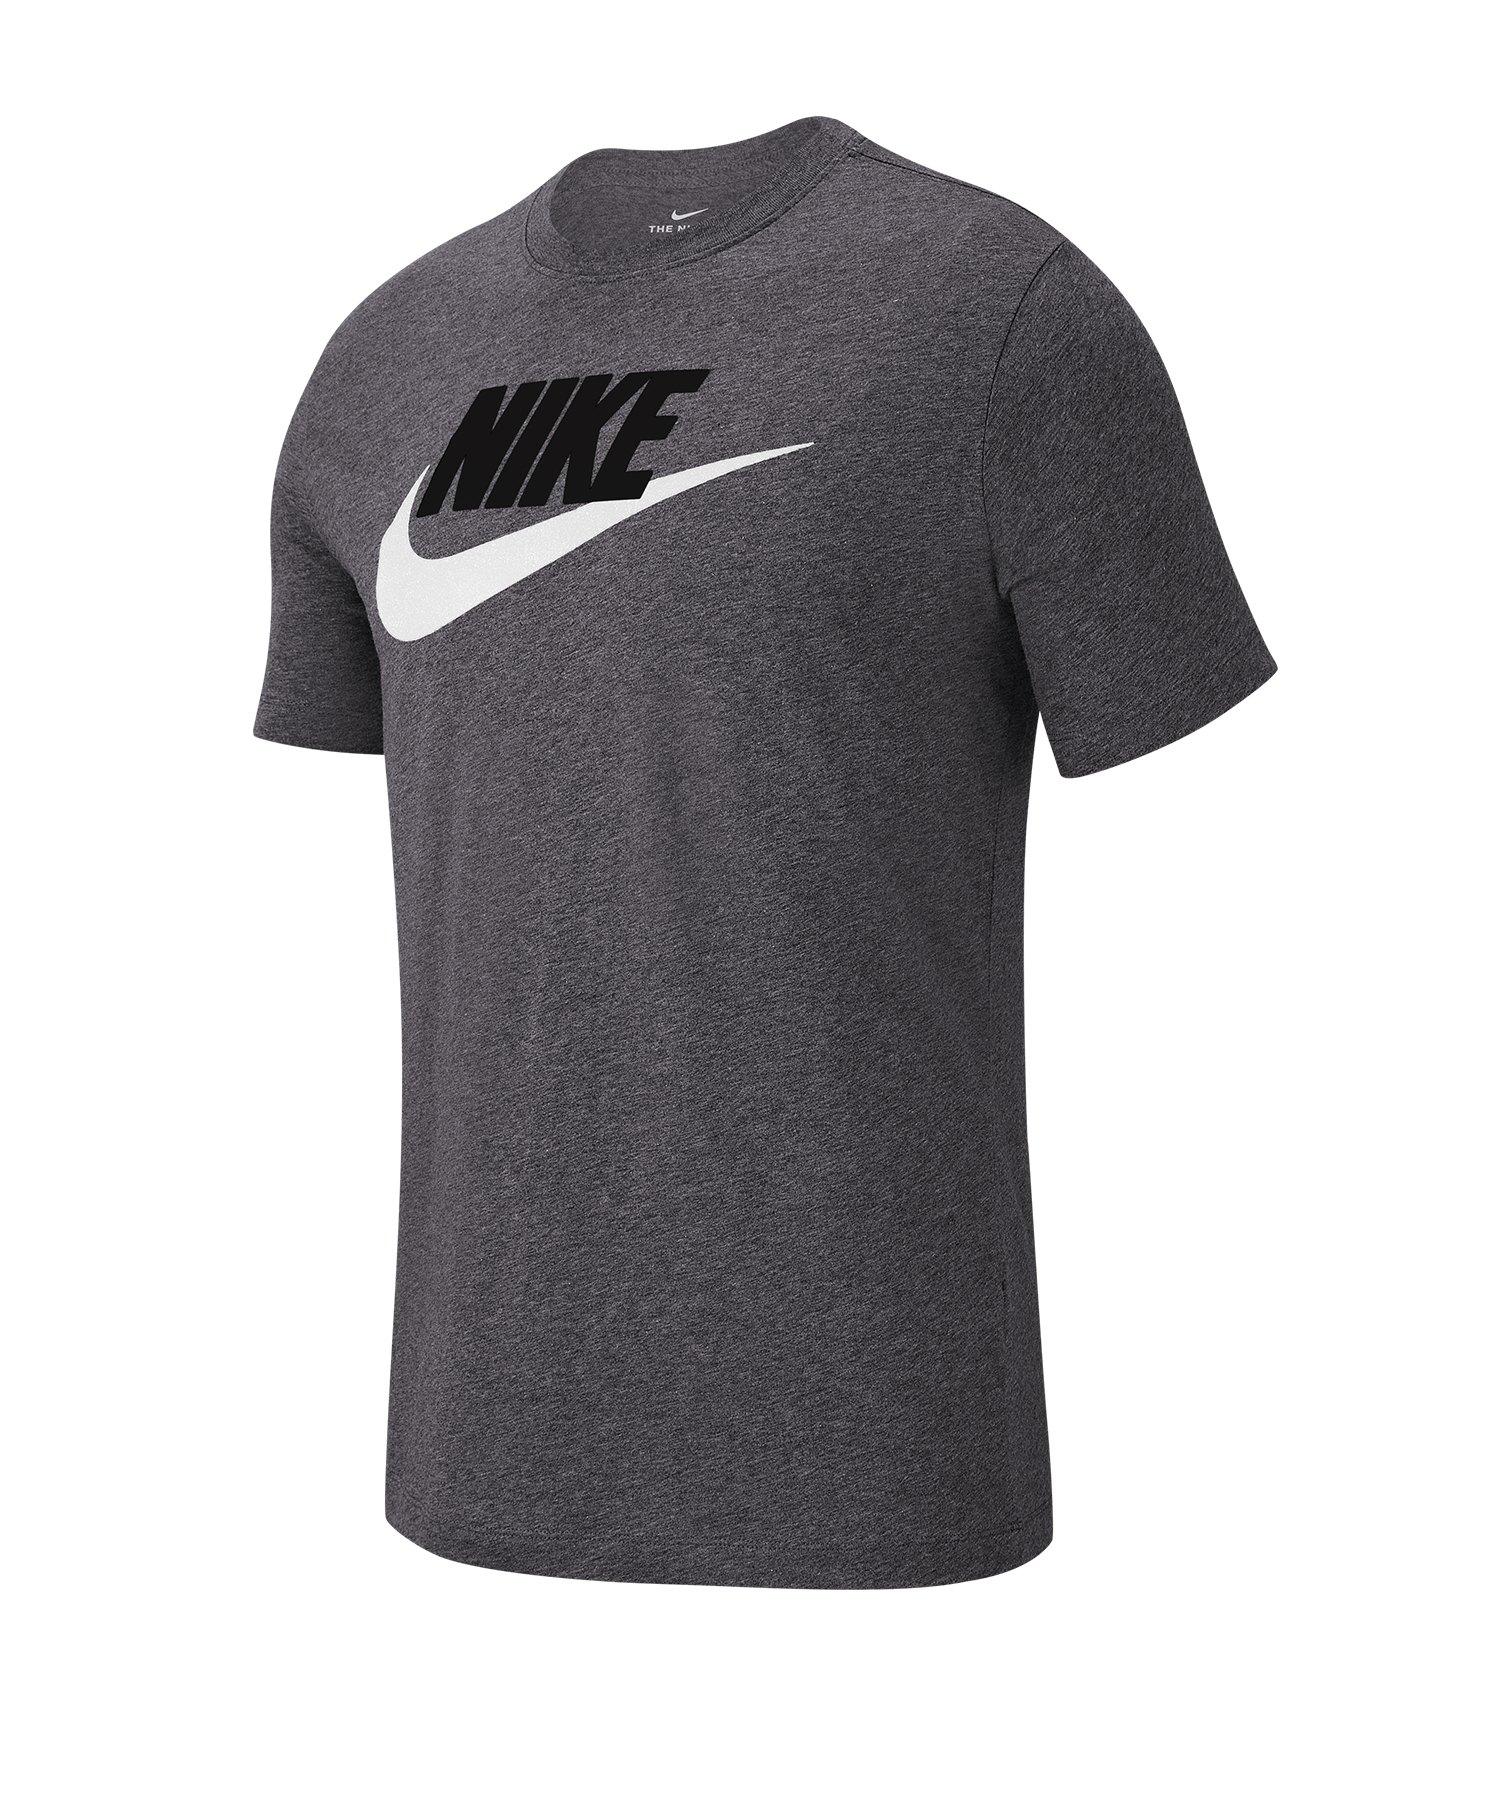 Nike Tee T-Shirt Grau Weiss F063 - grau